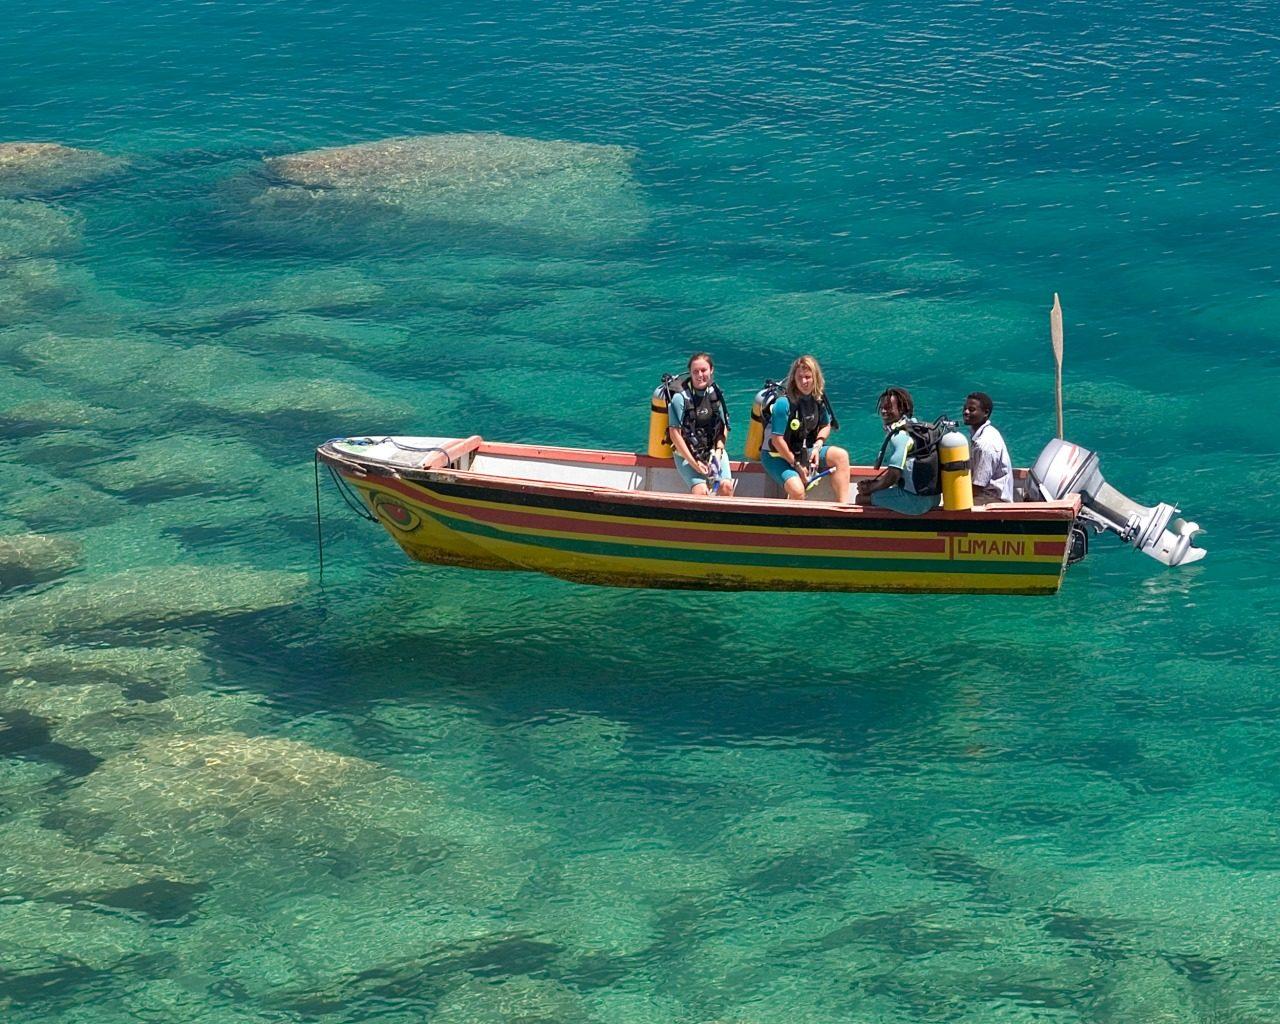 Lake-Malawi-Rowing